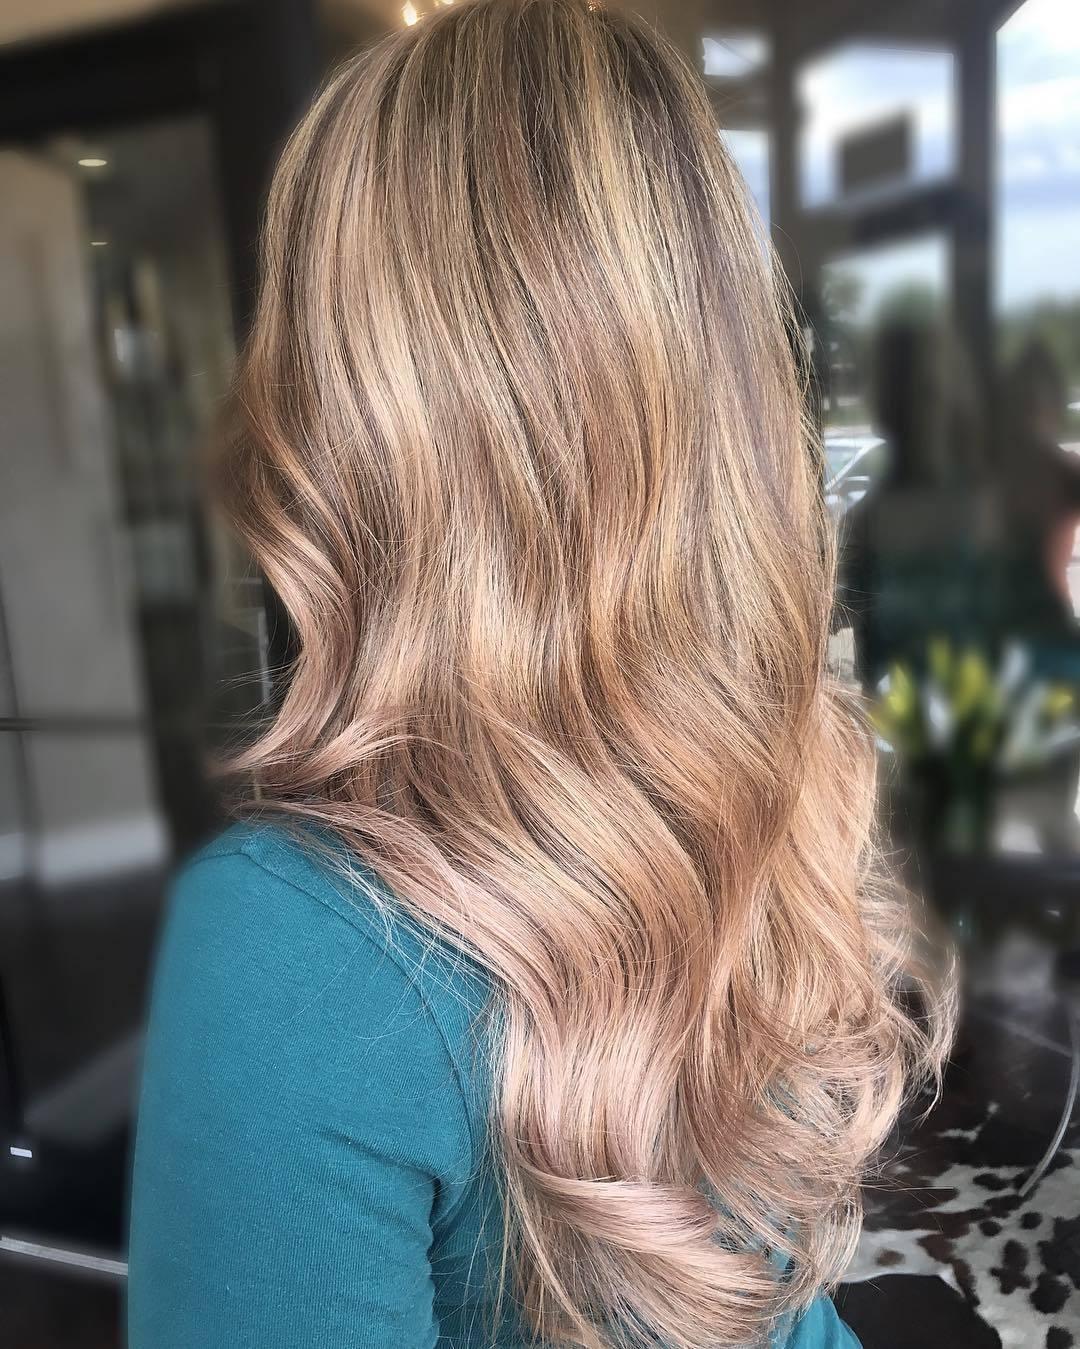 Femme avec de longs cheveux ondulés blond miel cendré.